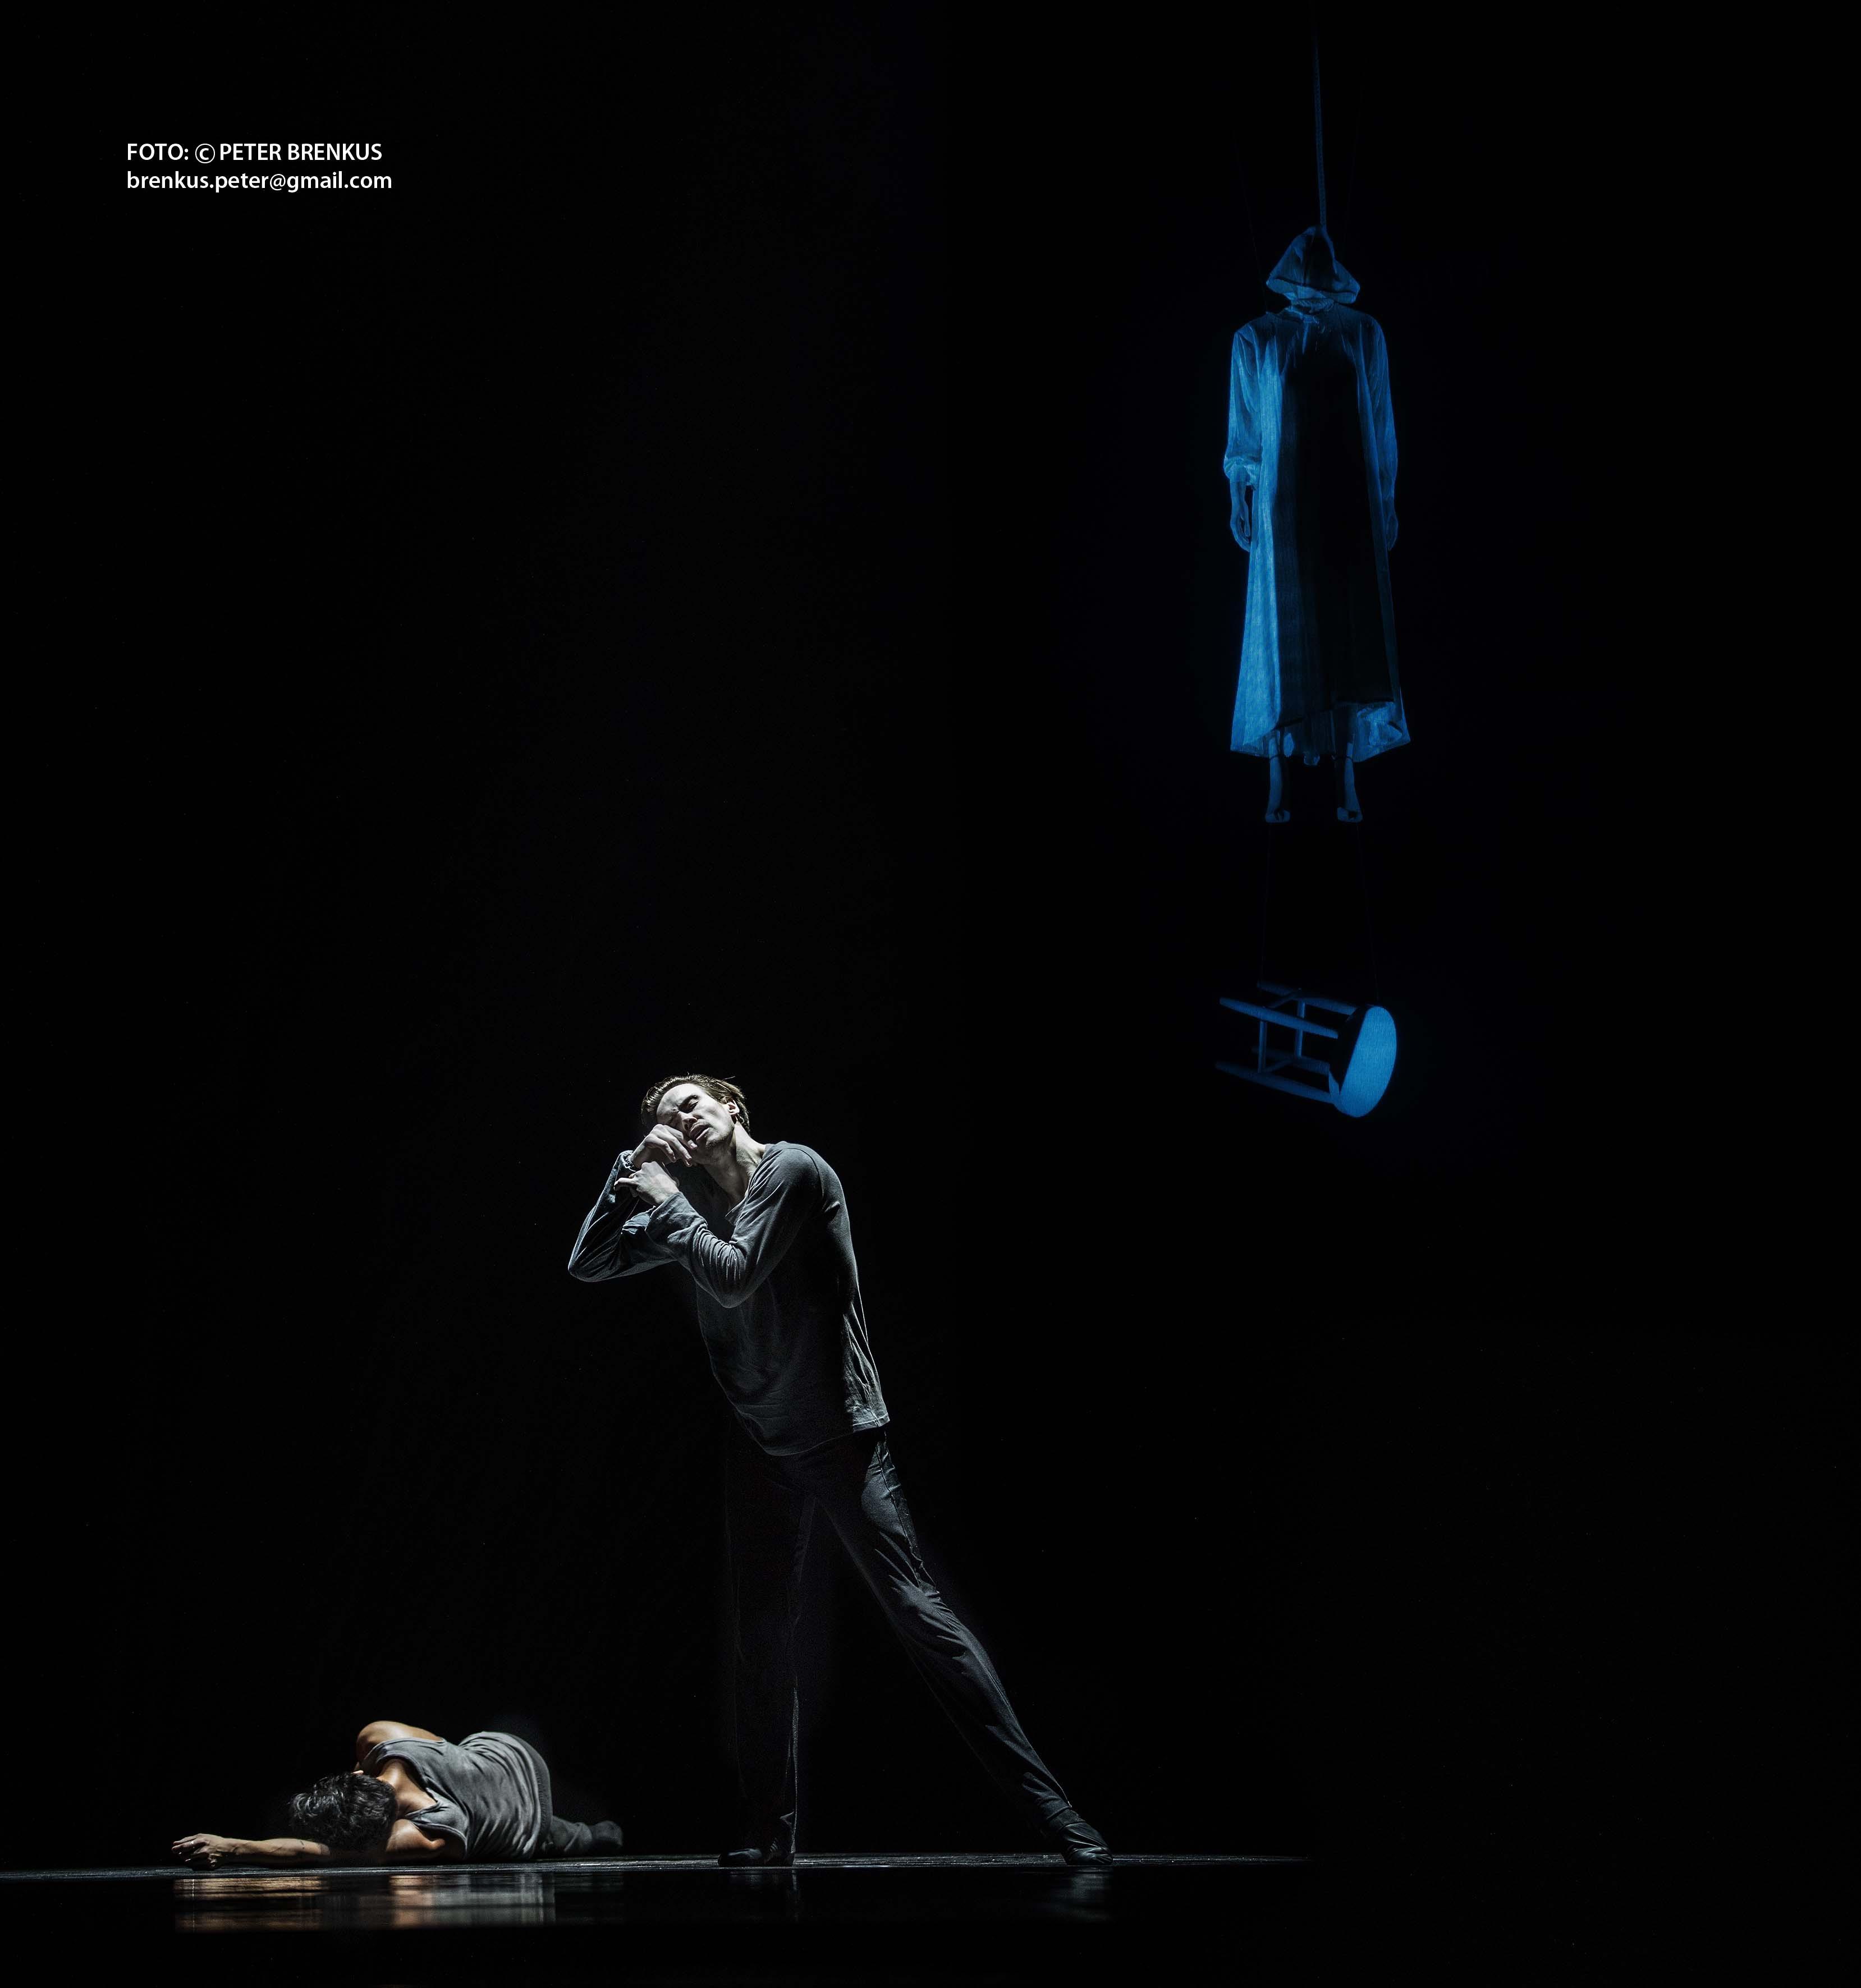 Andrej Szabo: Foto: Brenkus